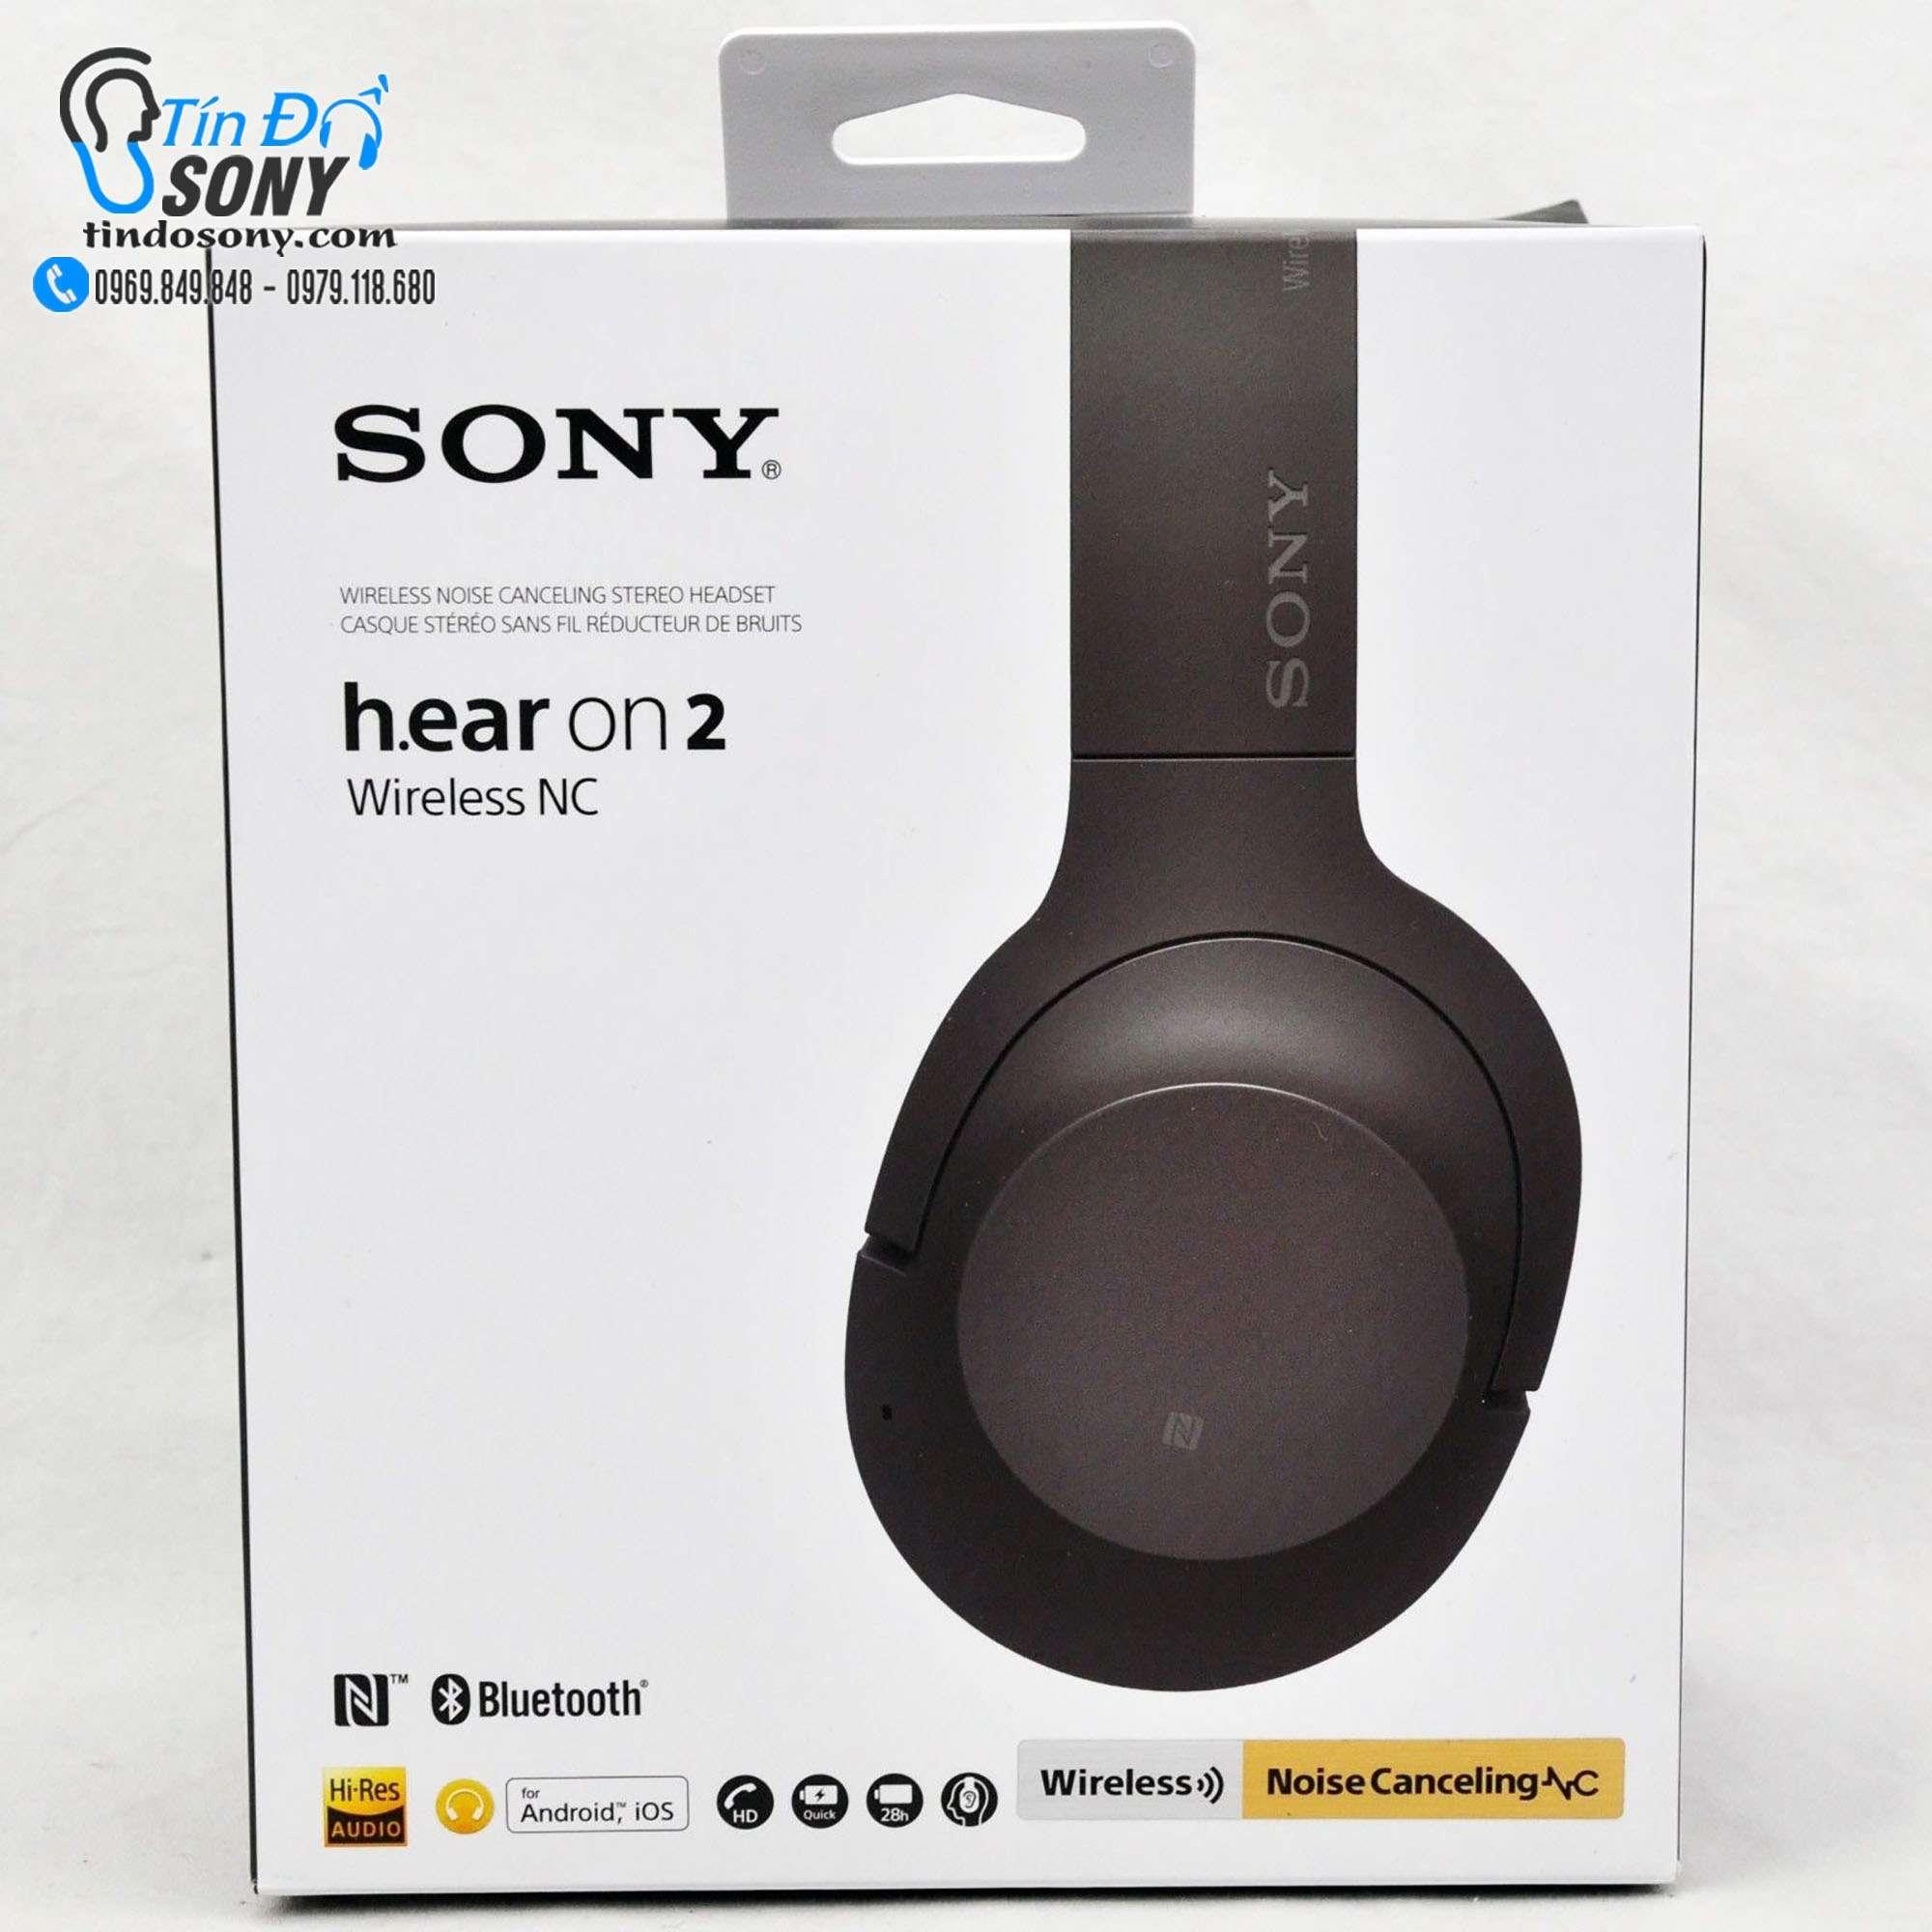 Sony H.EAR ON 2 Wireless NC WH-H900N (Like New Fullbox)